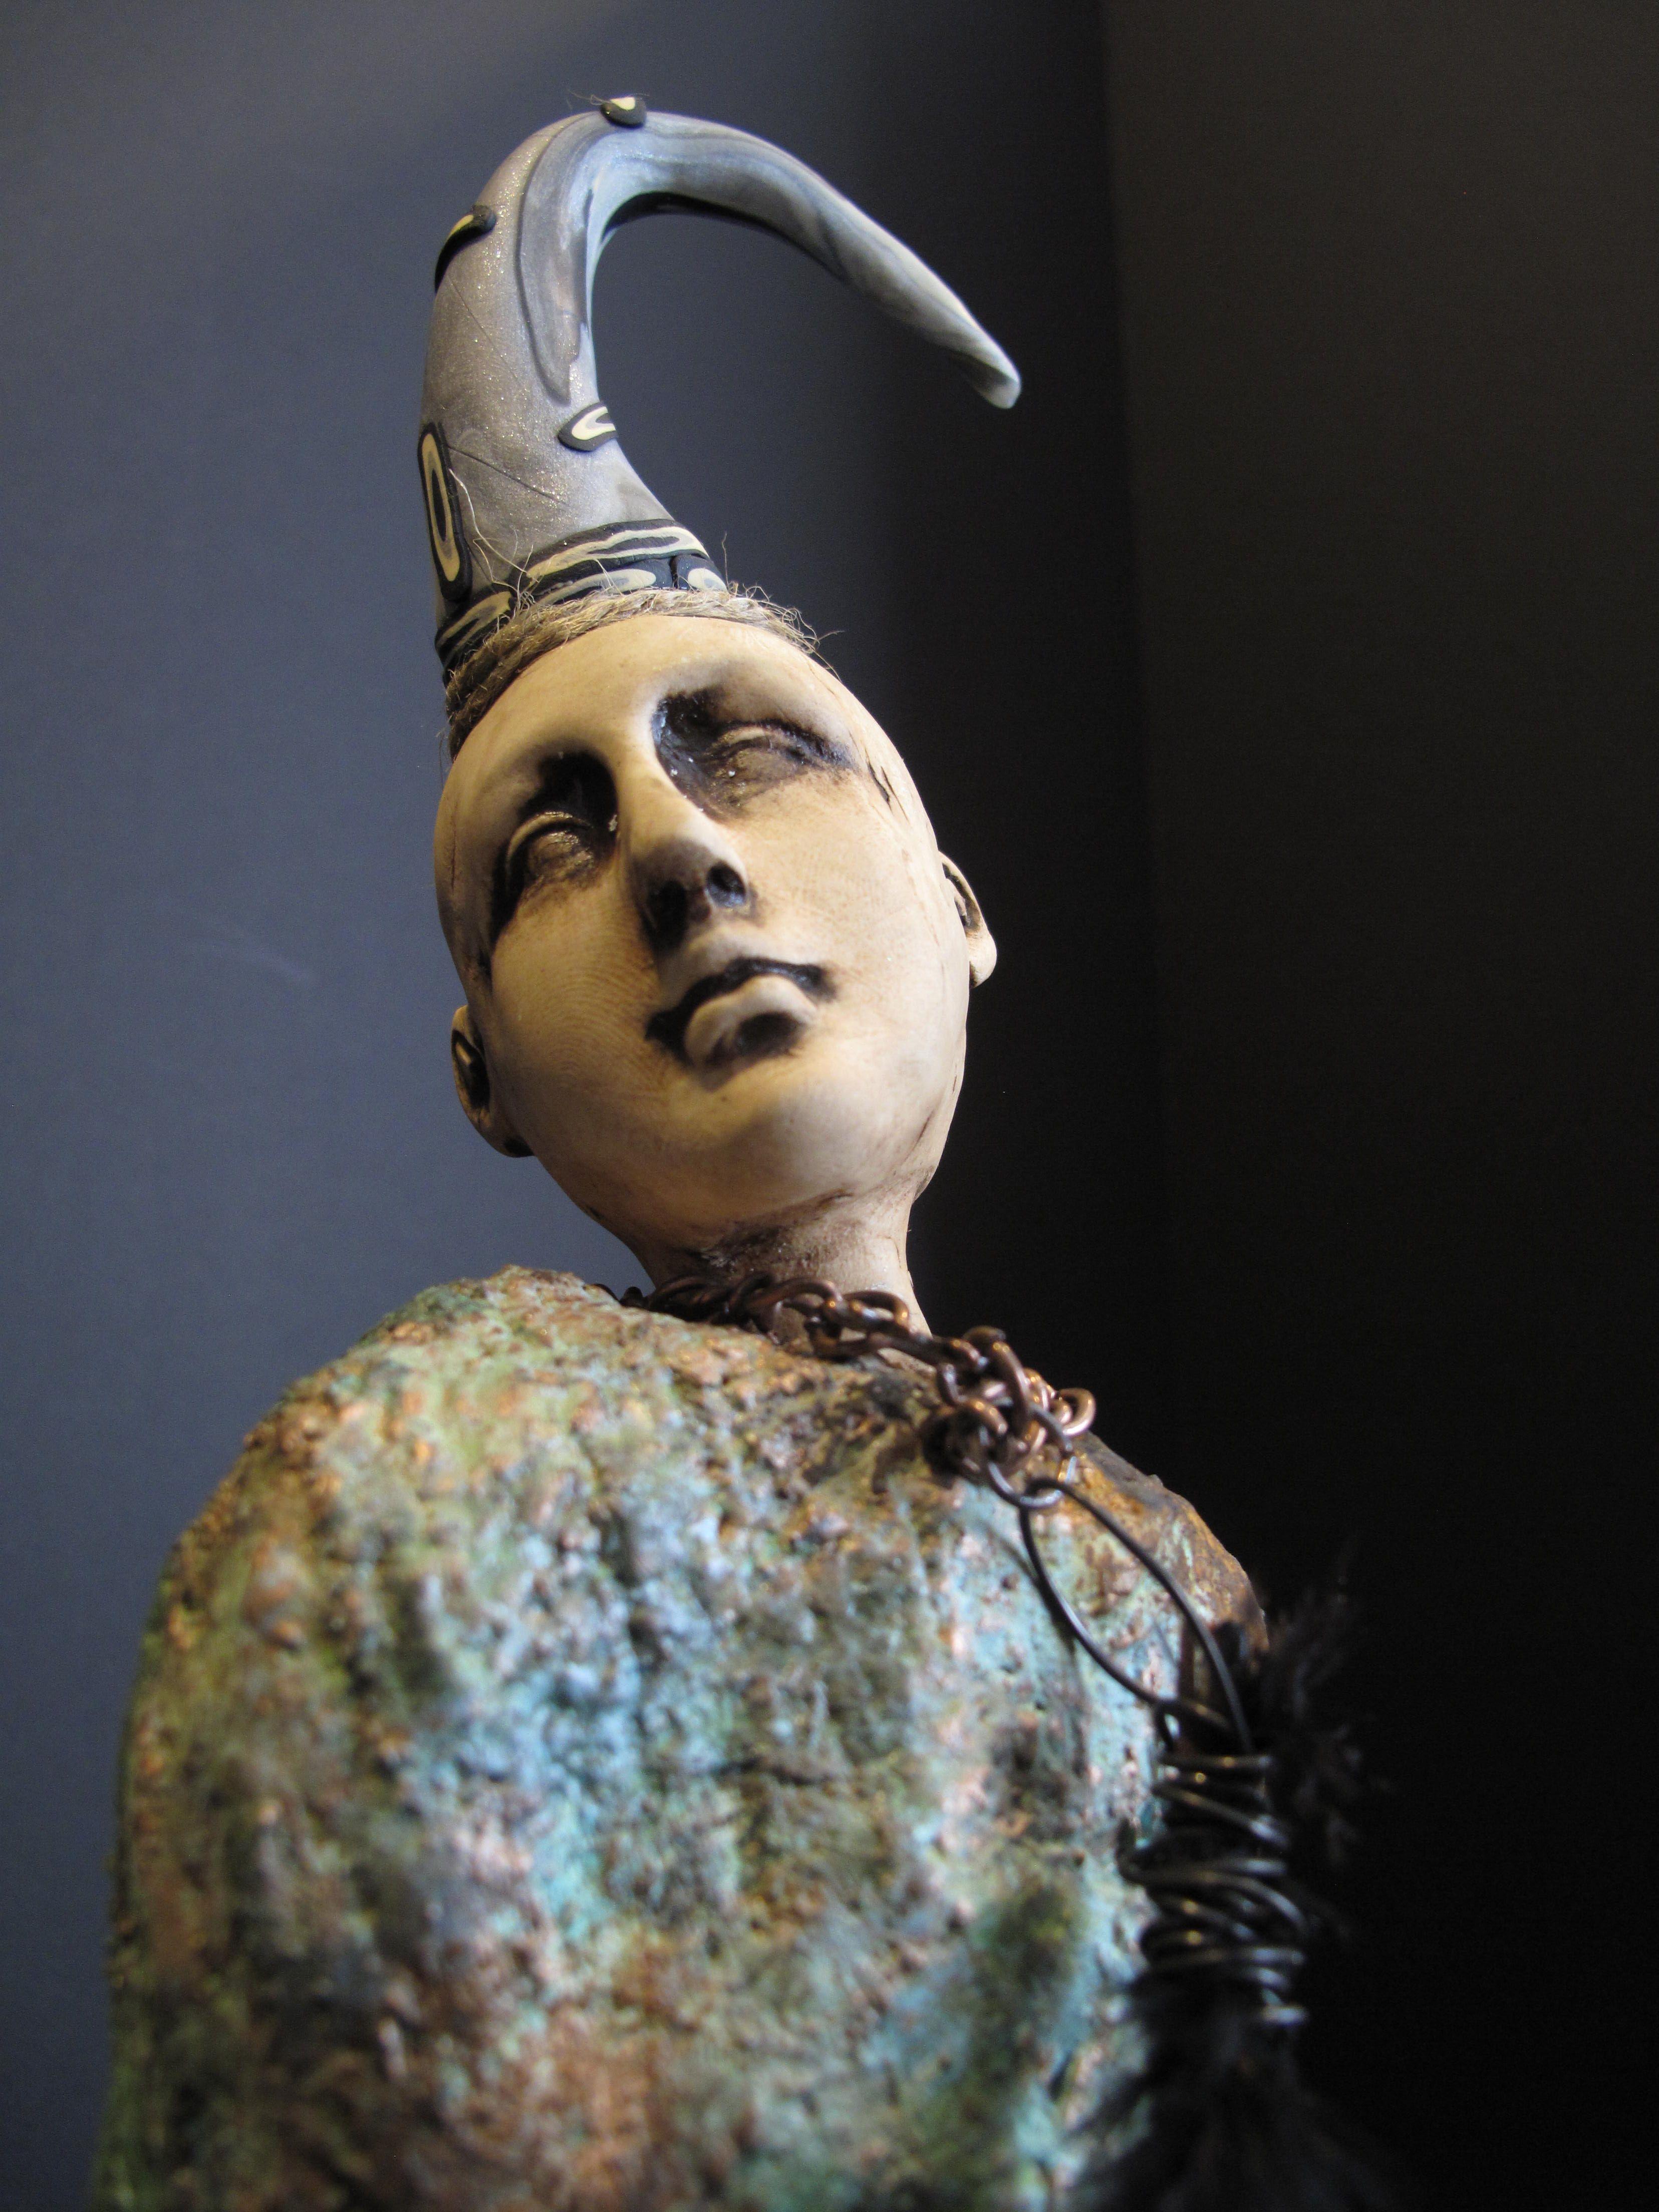 Artist lisa renner figurative sculpture sculpture clay